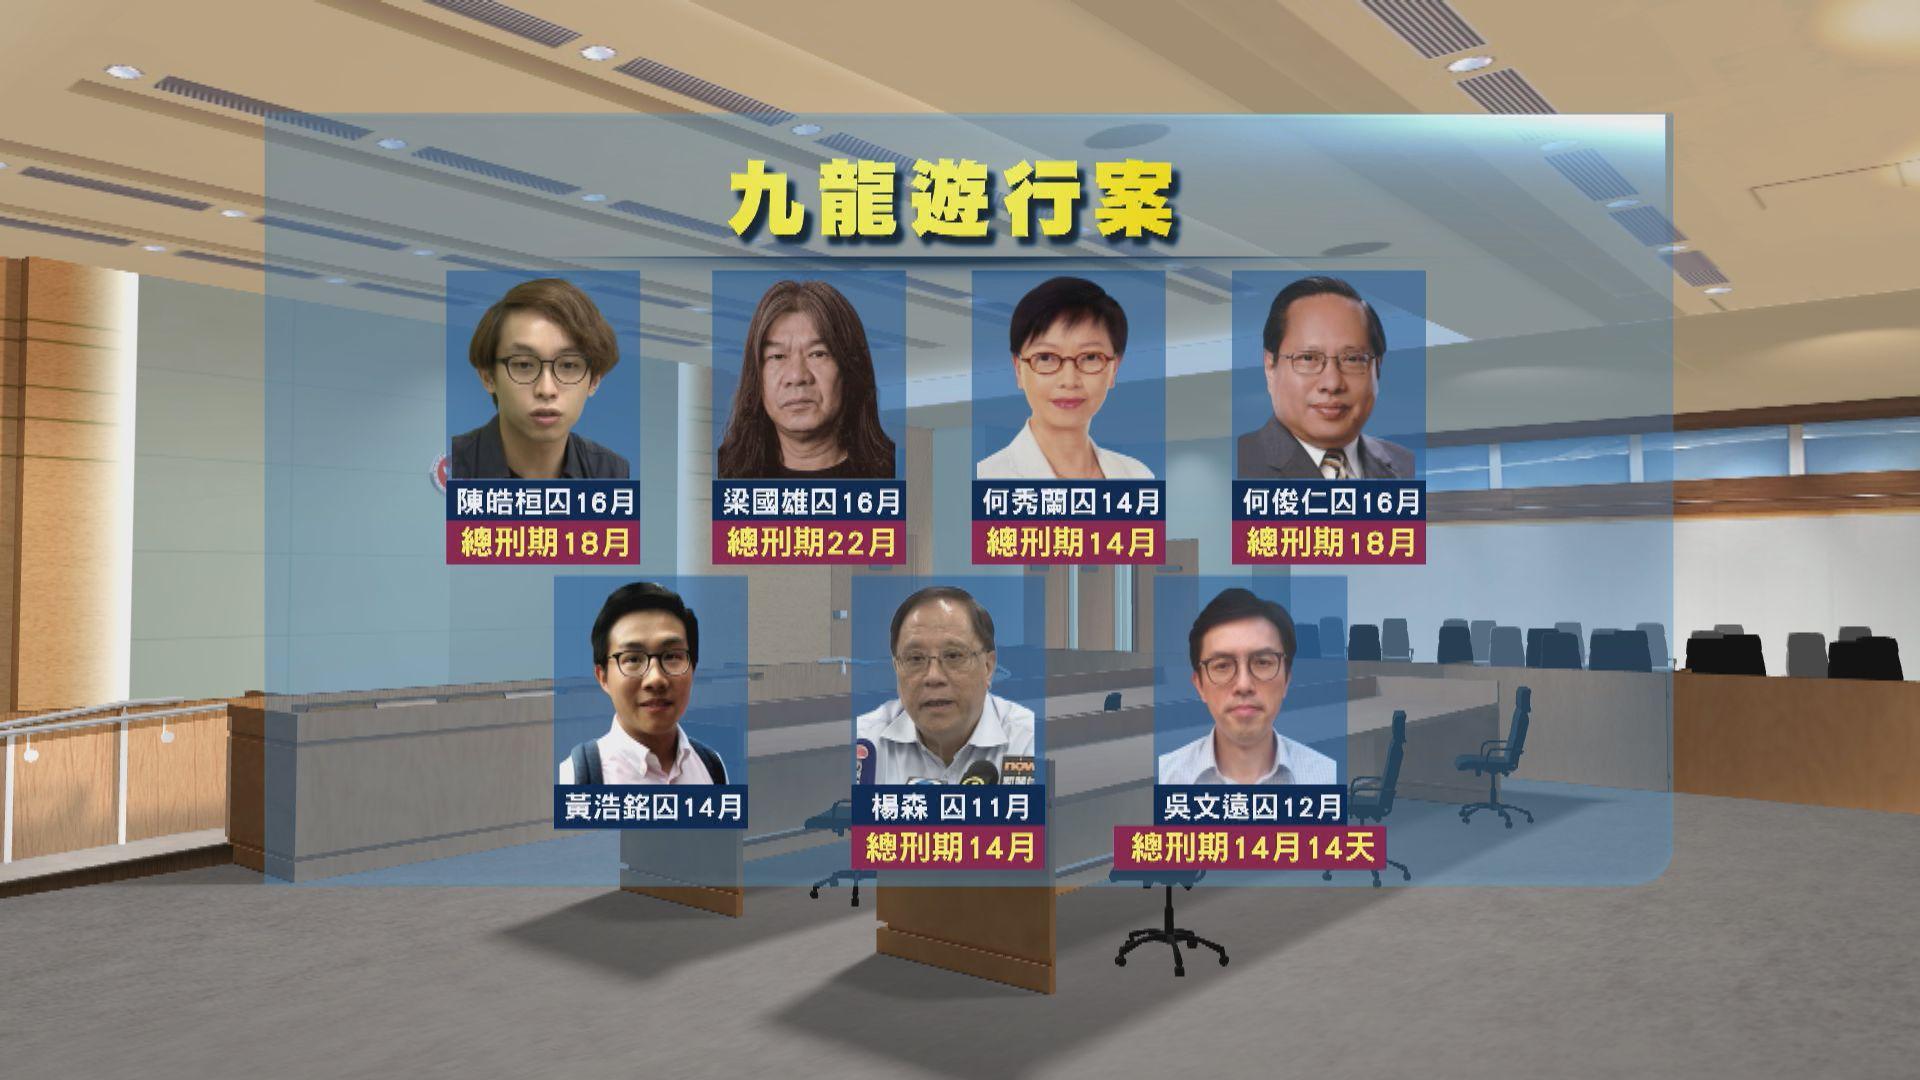 九龍遊行案七被告判囚11至16月